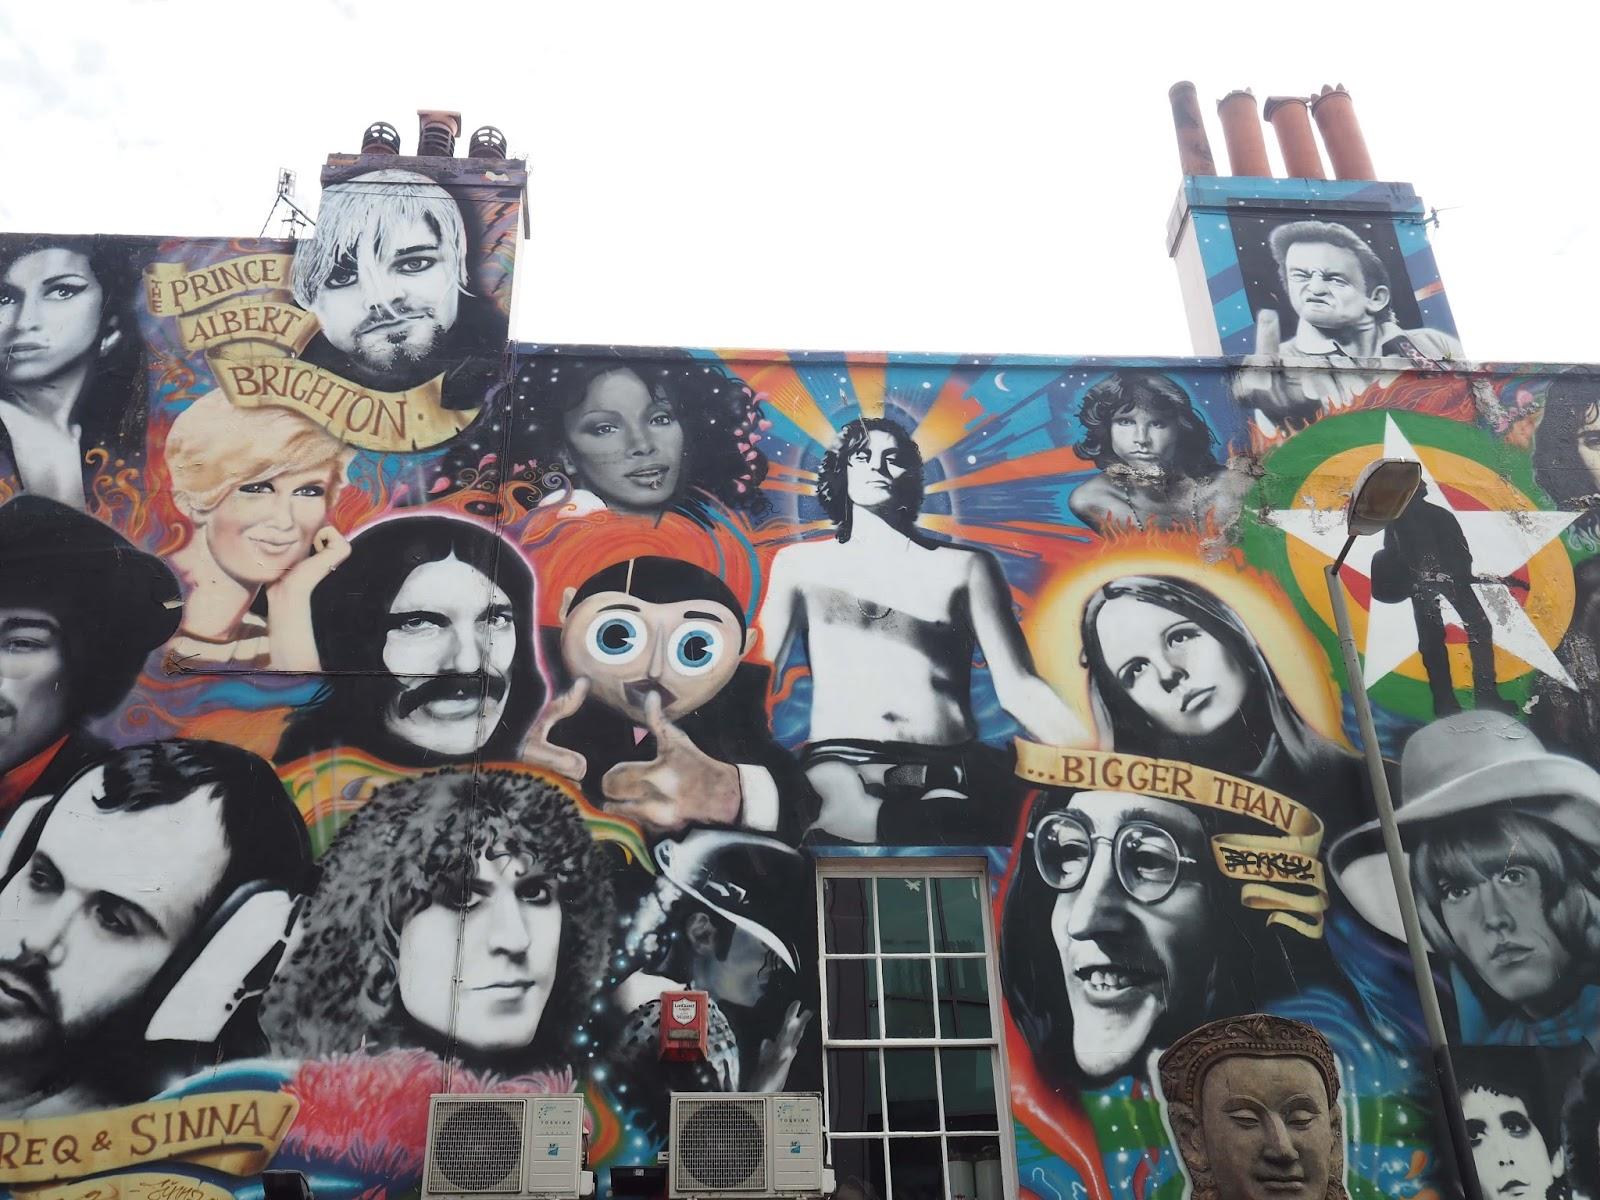 Graffiti Albion pub, Brighton